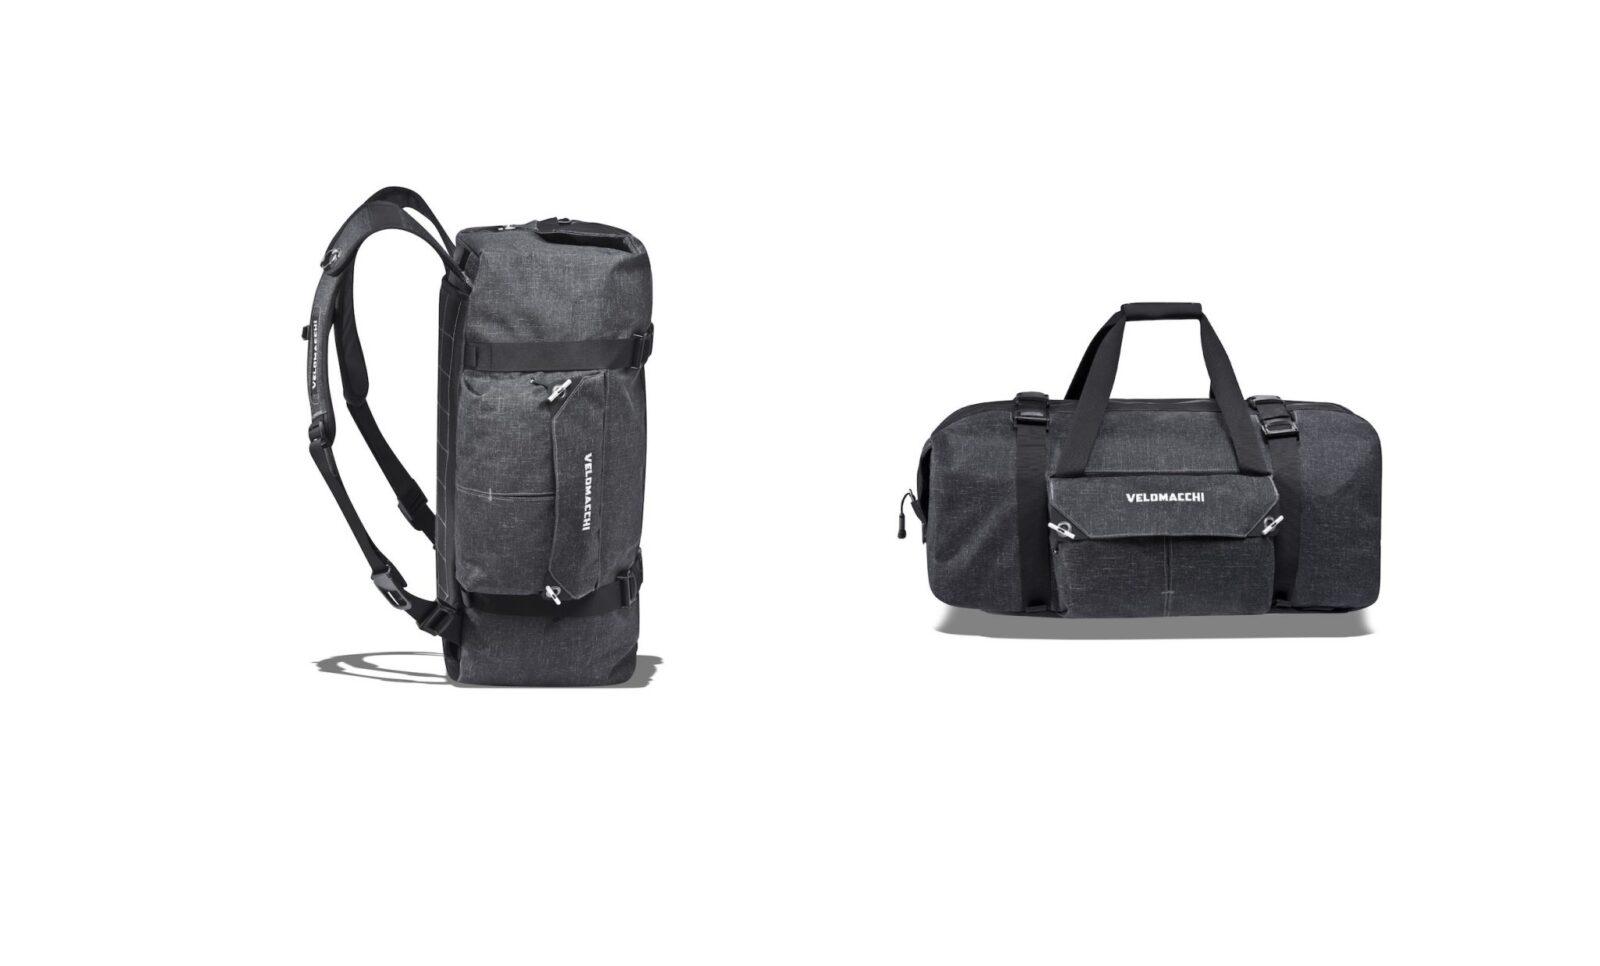 Velomacchi Hybrid Duffel 1600x966 - Velomacchi Hybrid Duffel Bag